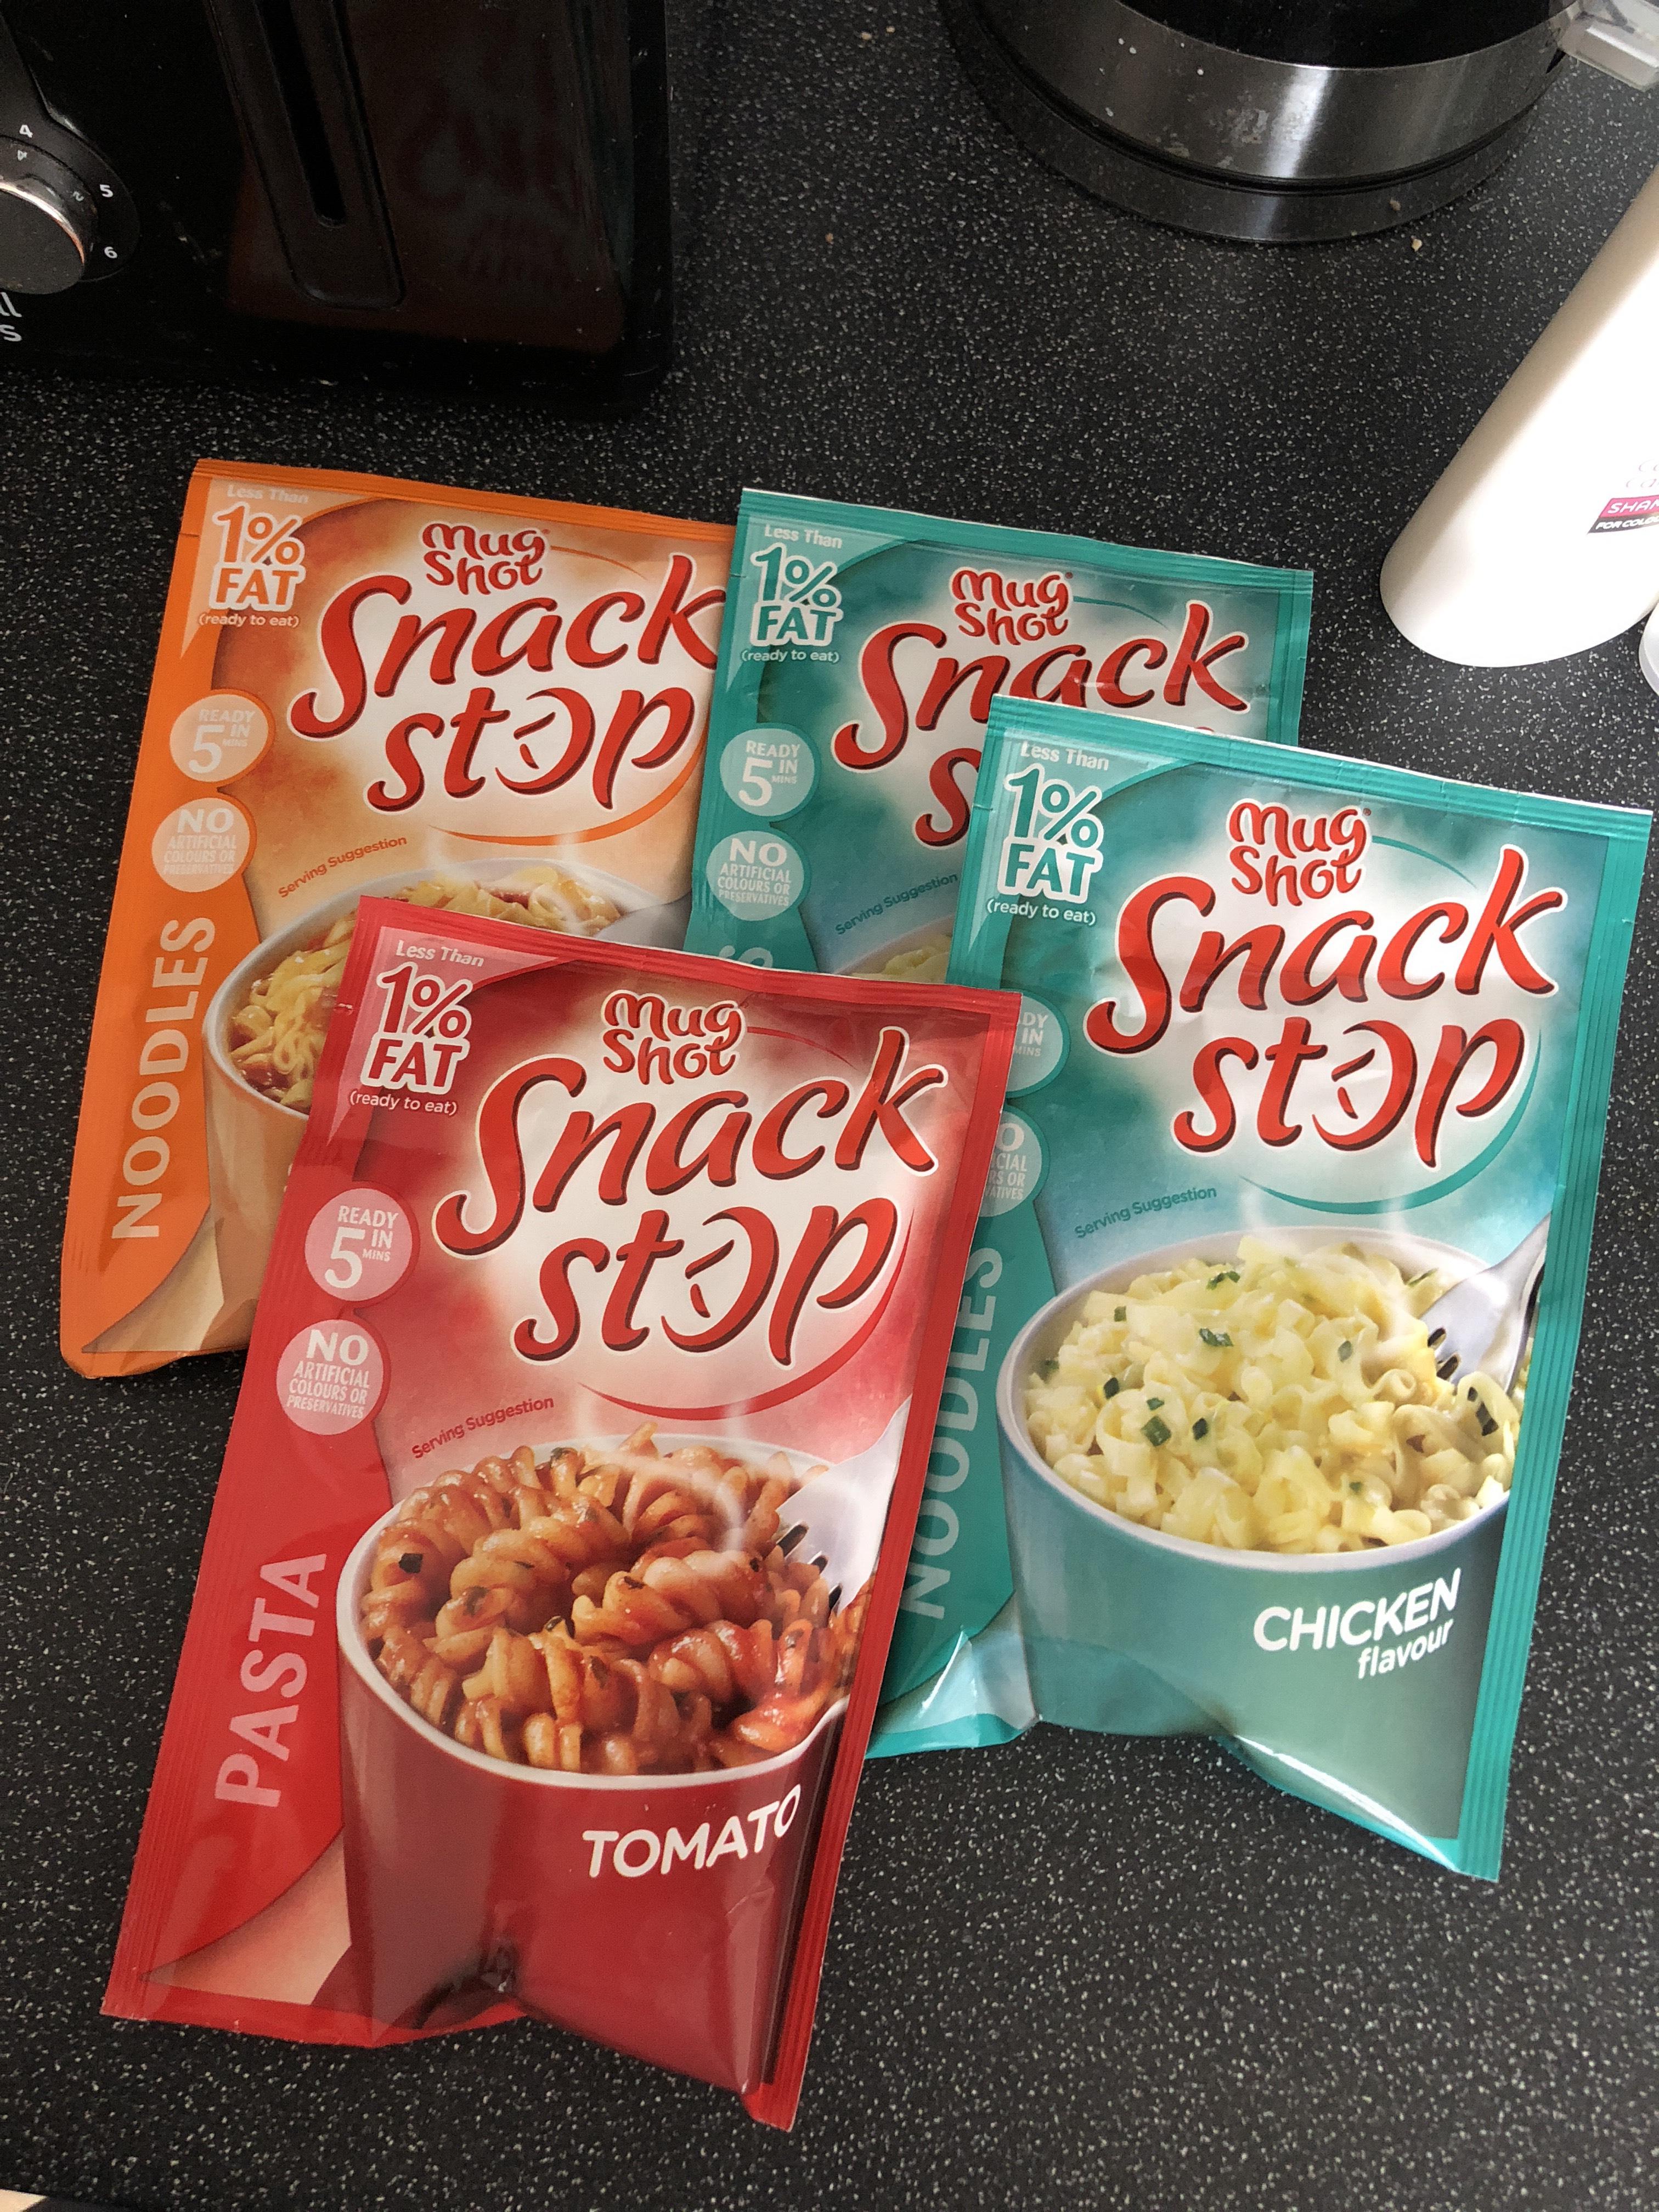 Mug Shot Snack Stop. £1 for 4 @ Quality Save